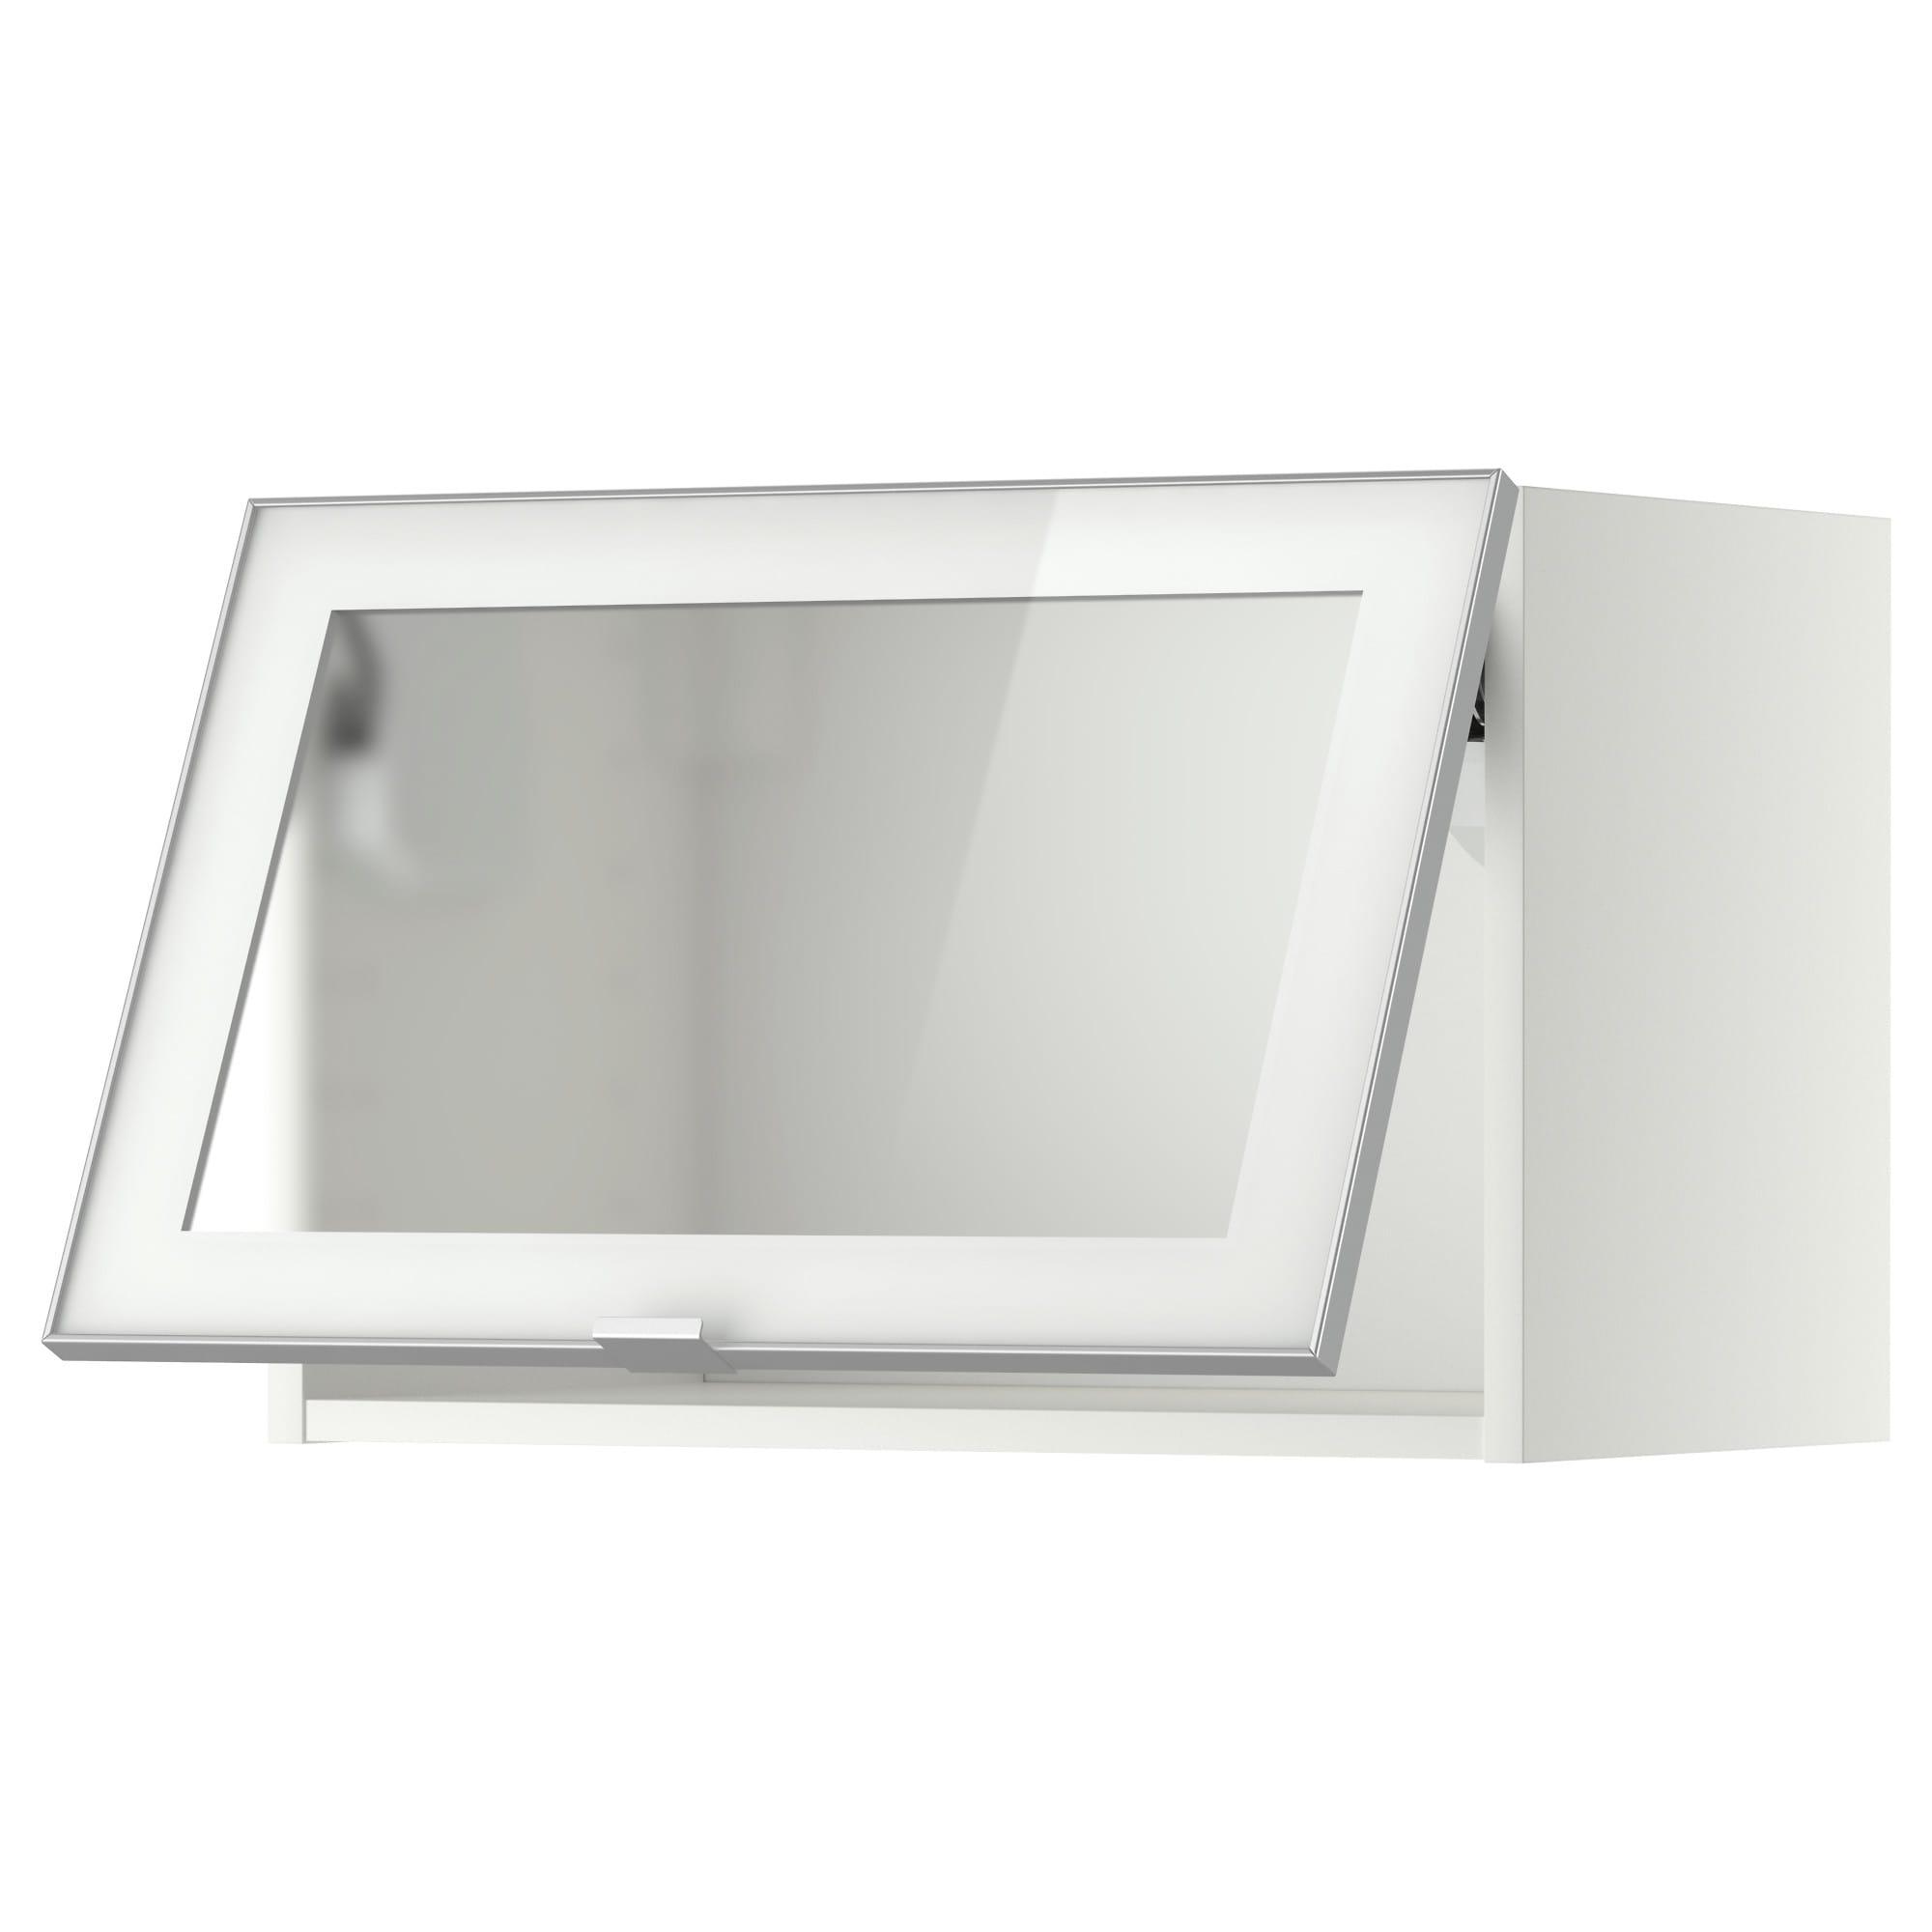 metod wandschrank horiz. m vitrinentür, weiß, jutis frostglas